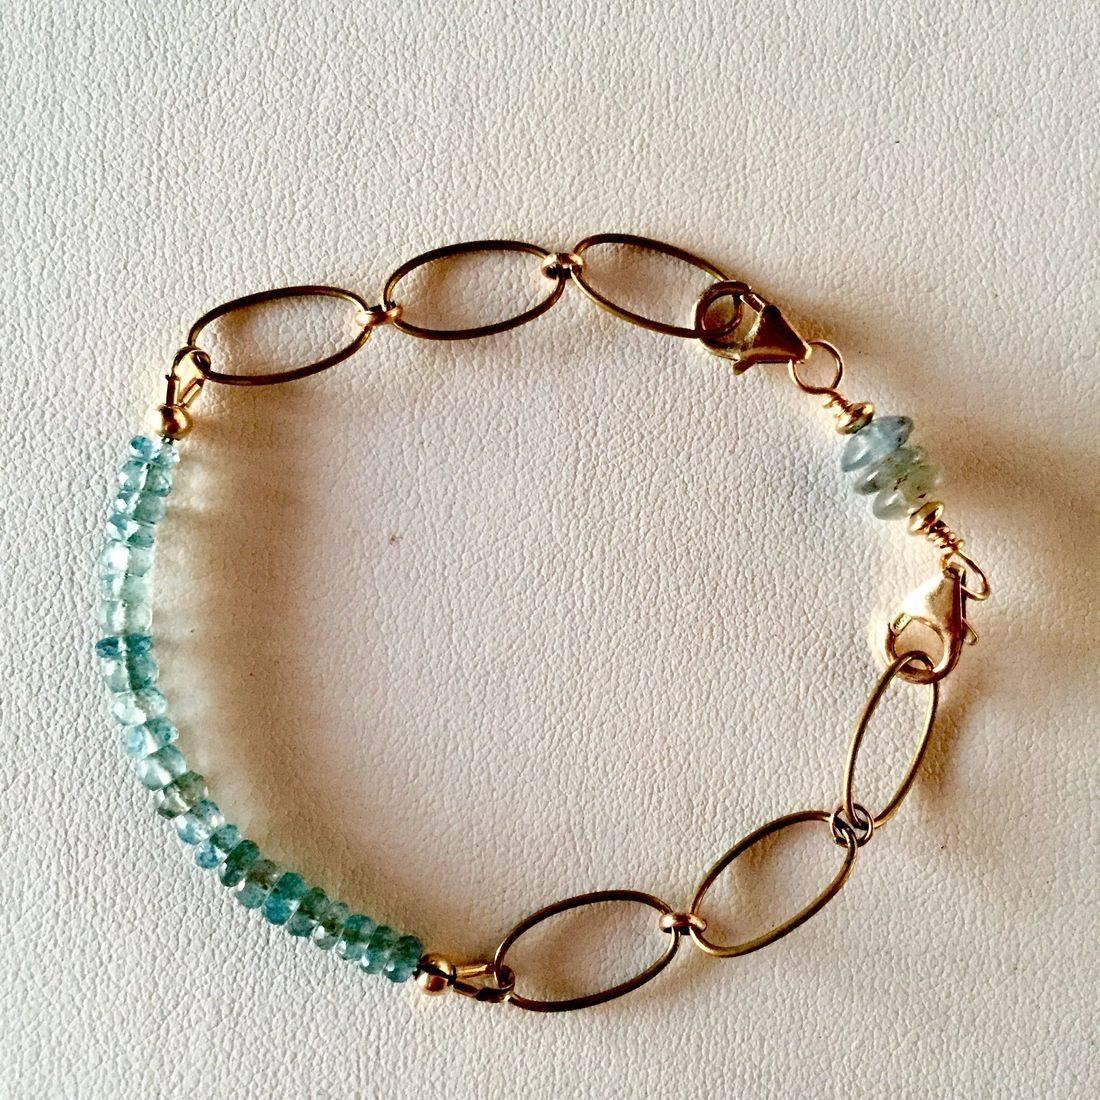 Kyanite and 14K Gold Filled Gemstone bracelet